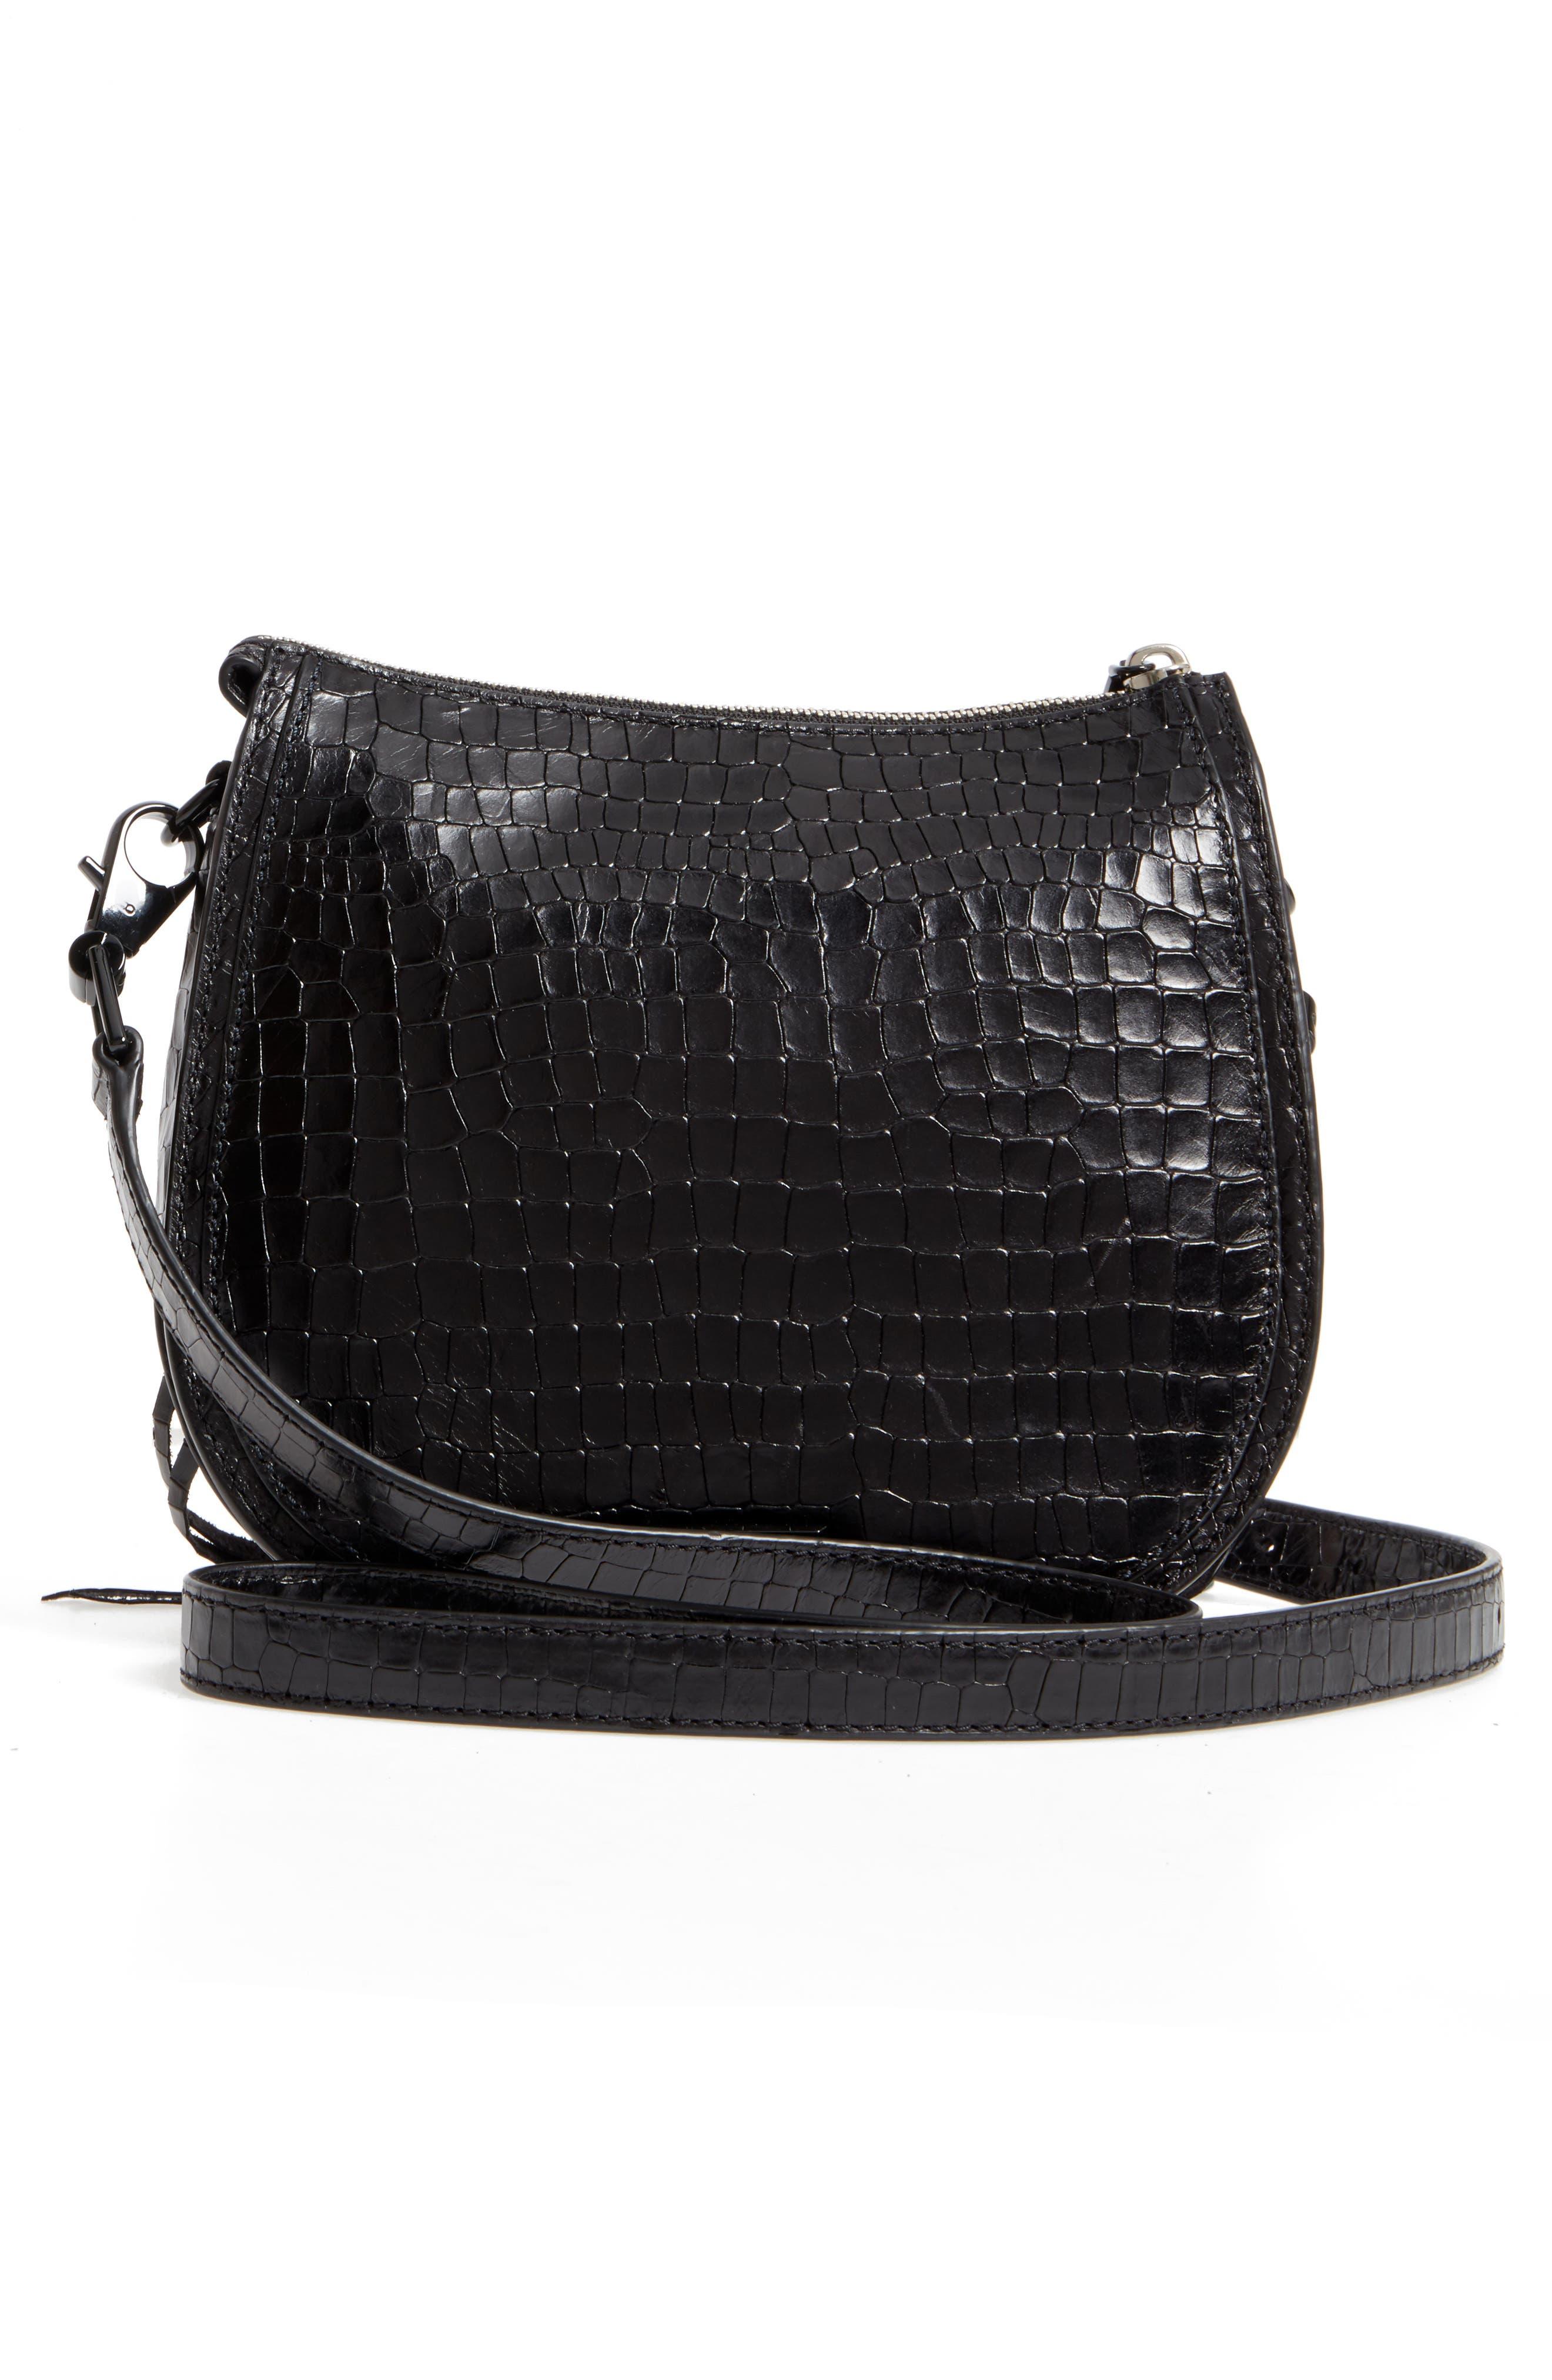 Alternate Image 2  - Rebecca Minkoff Vanity Croc-Embossed Leather Saddle Bag